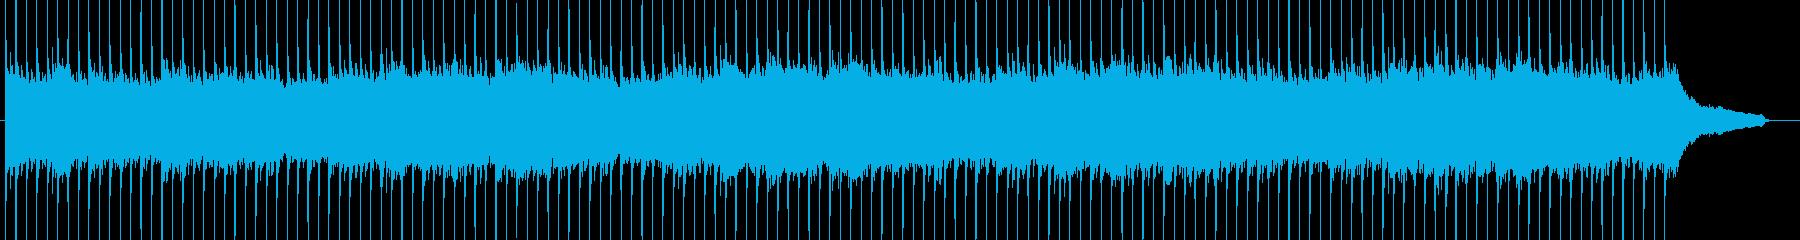 企業VP系60、爽やかピアノ、4つ打ちbの再生済みの波形